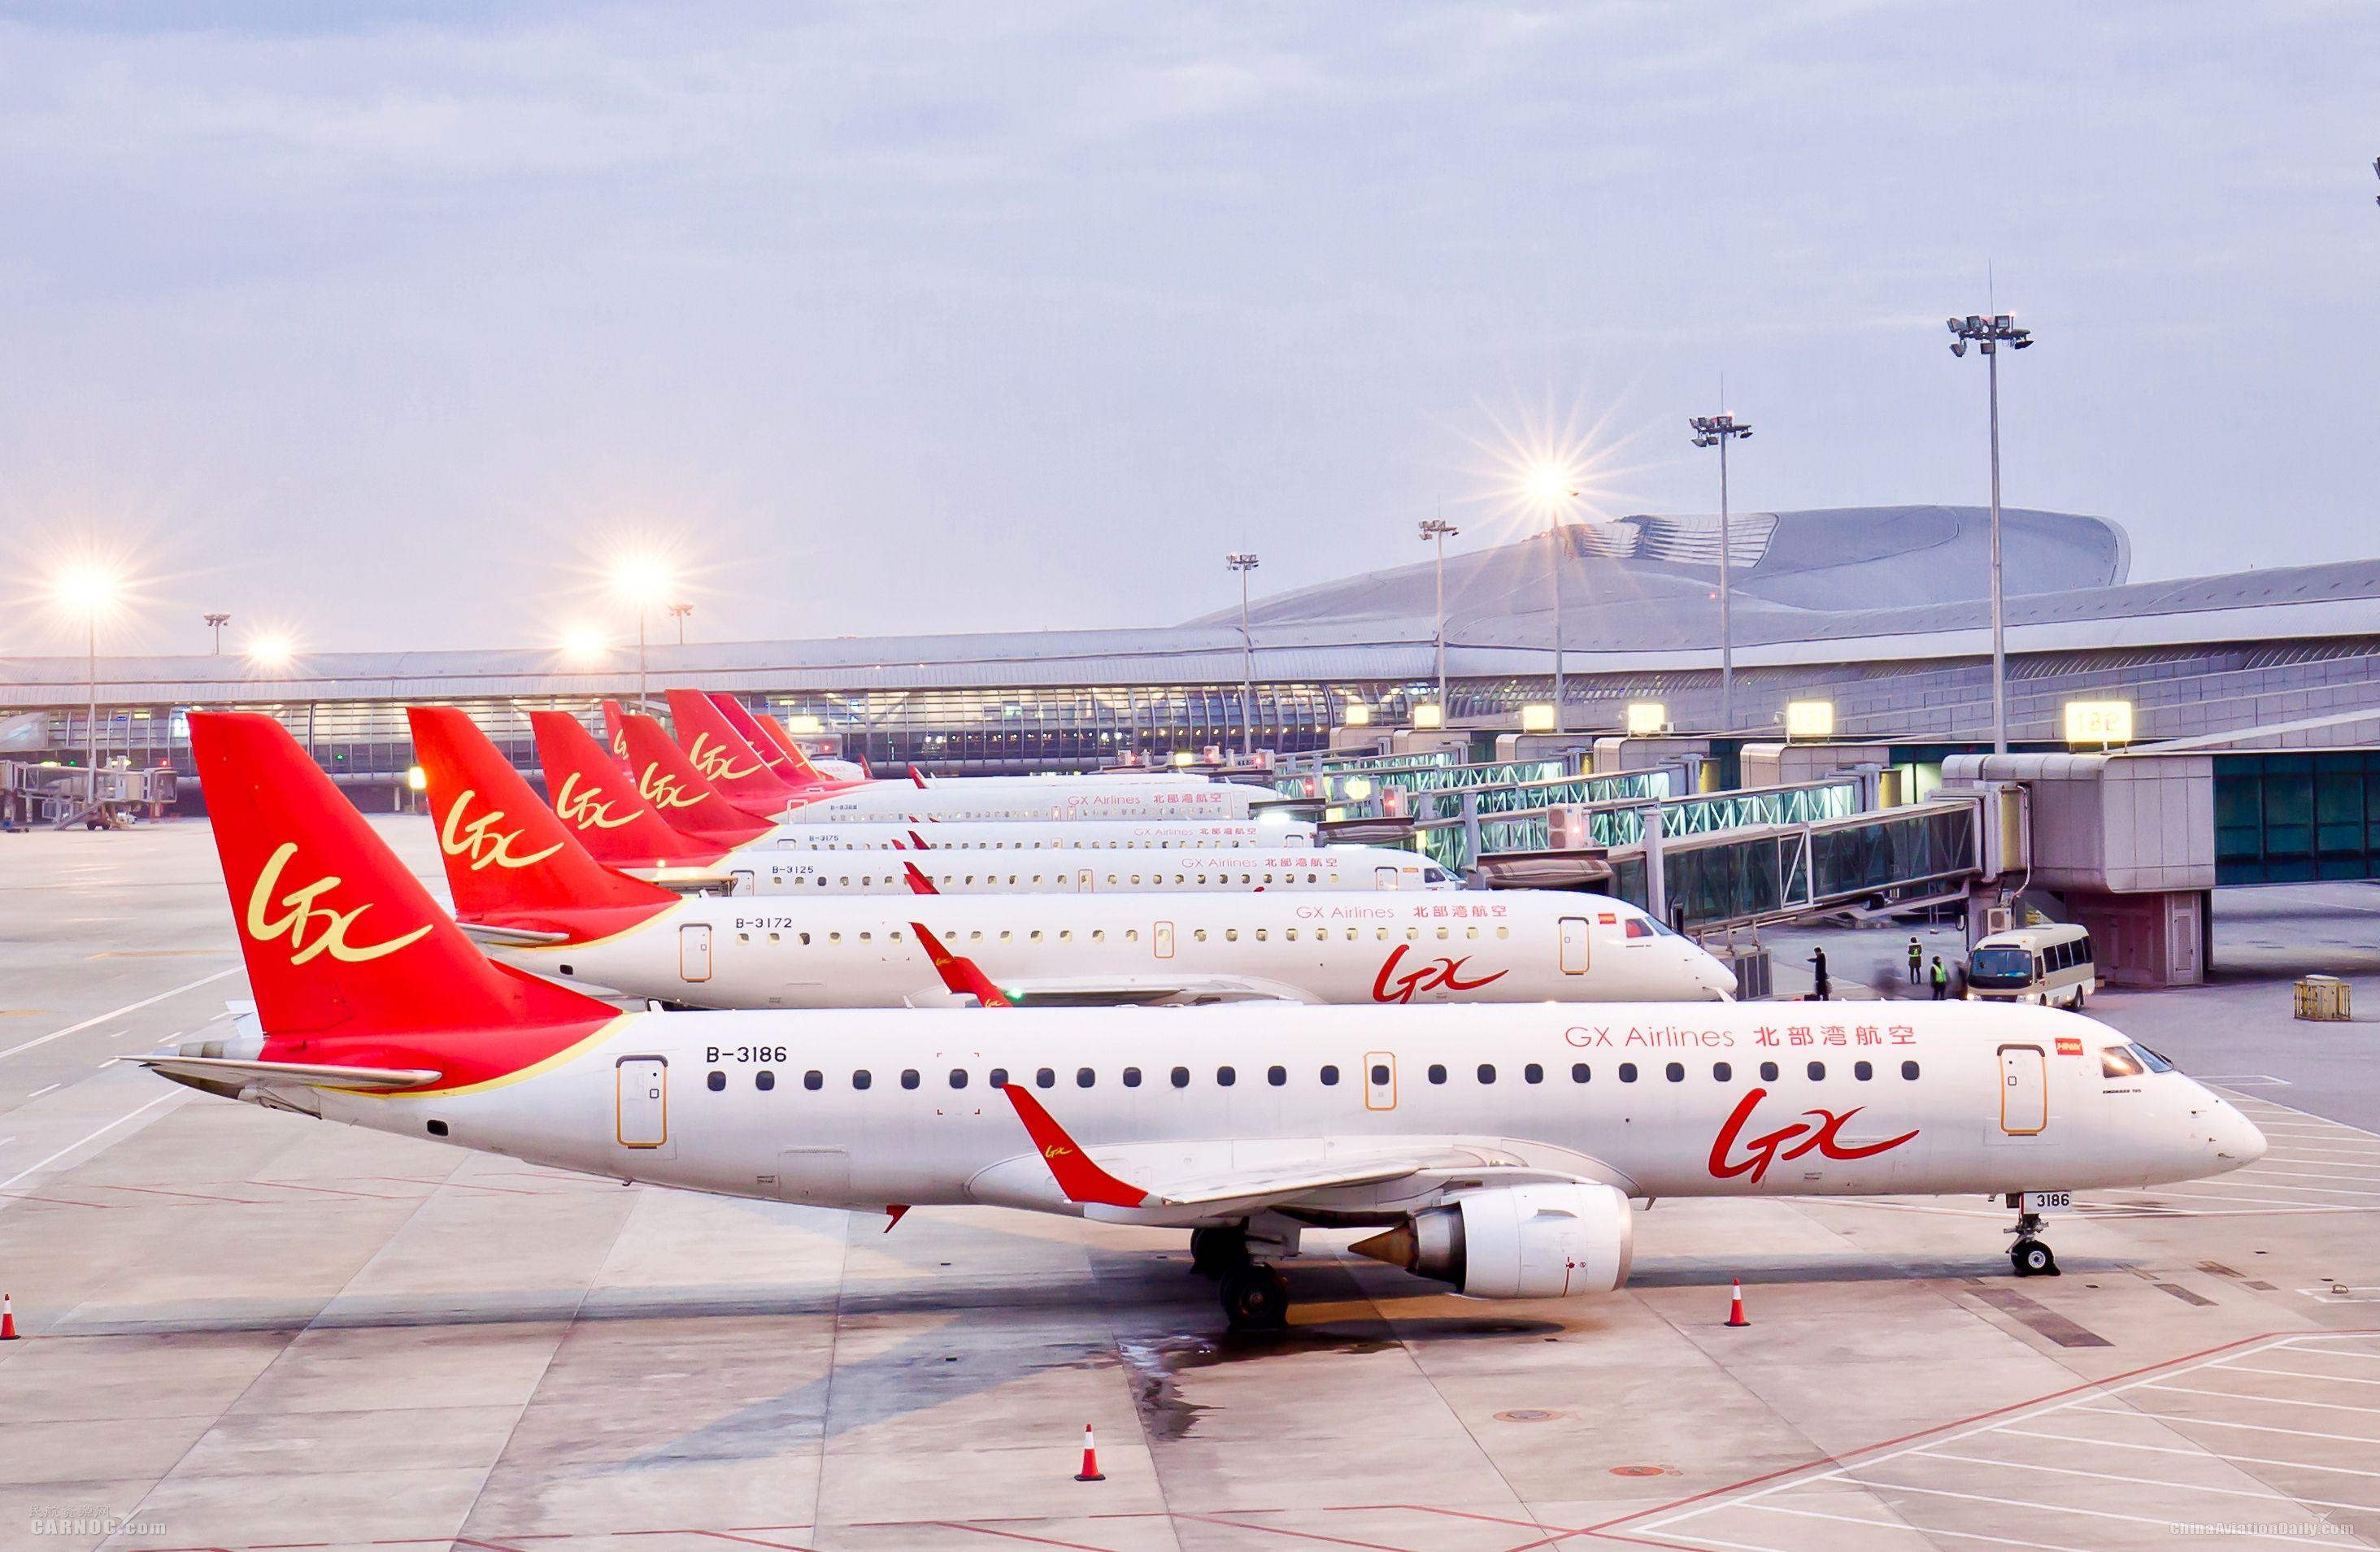 商旅出行新选择,北部湾航空推出商务经济舱产品